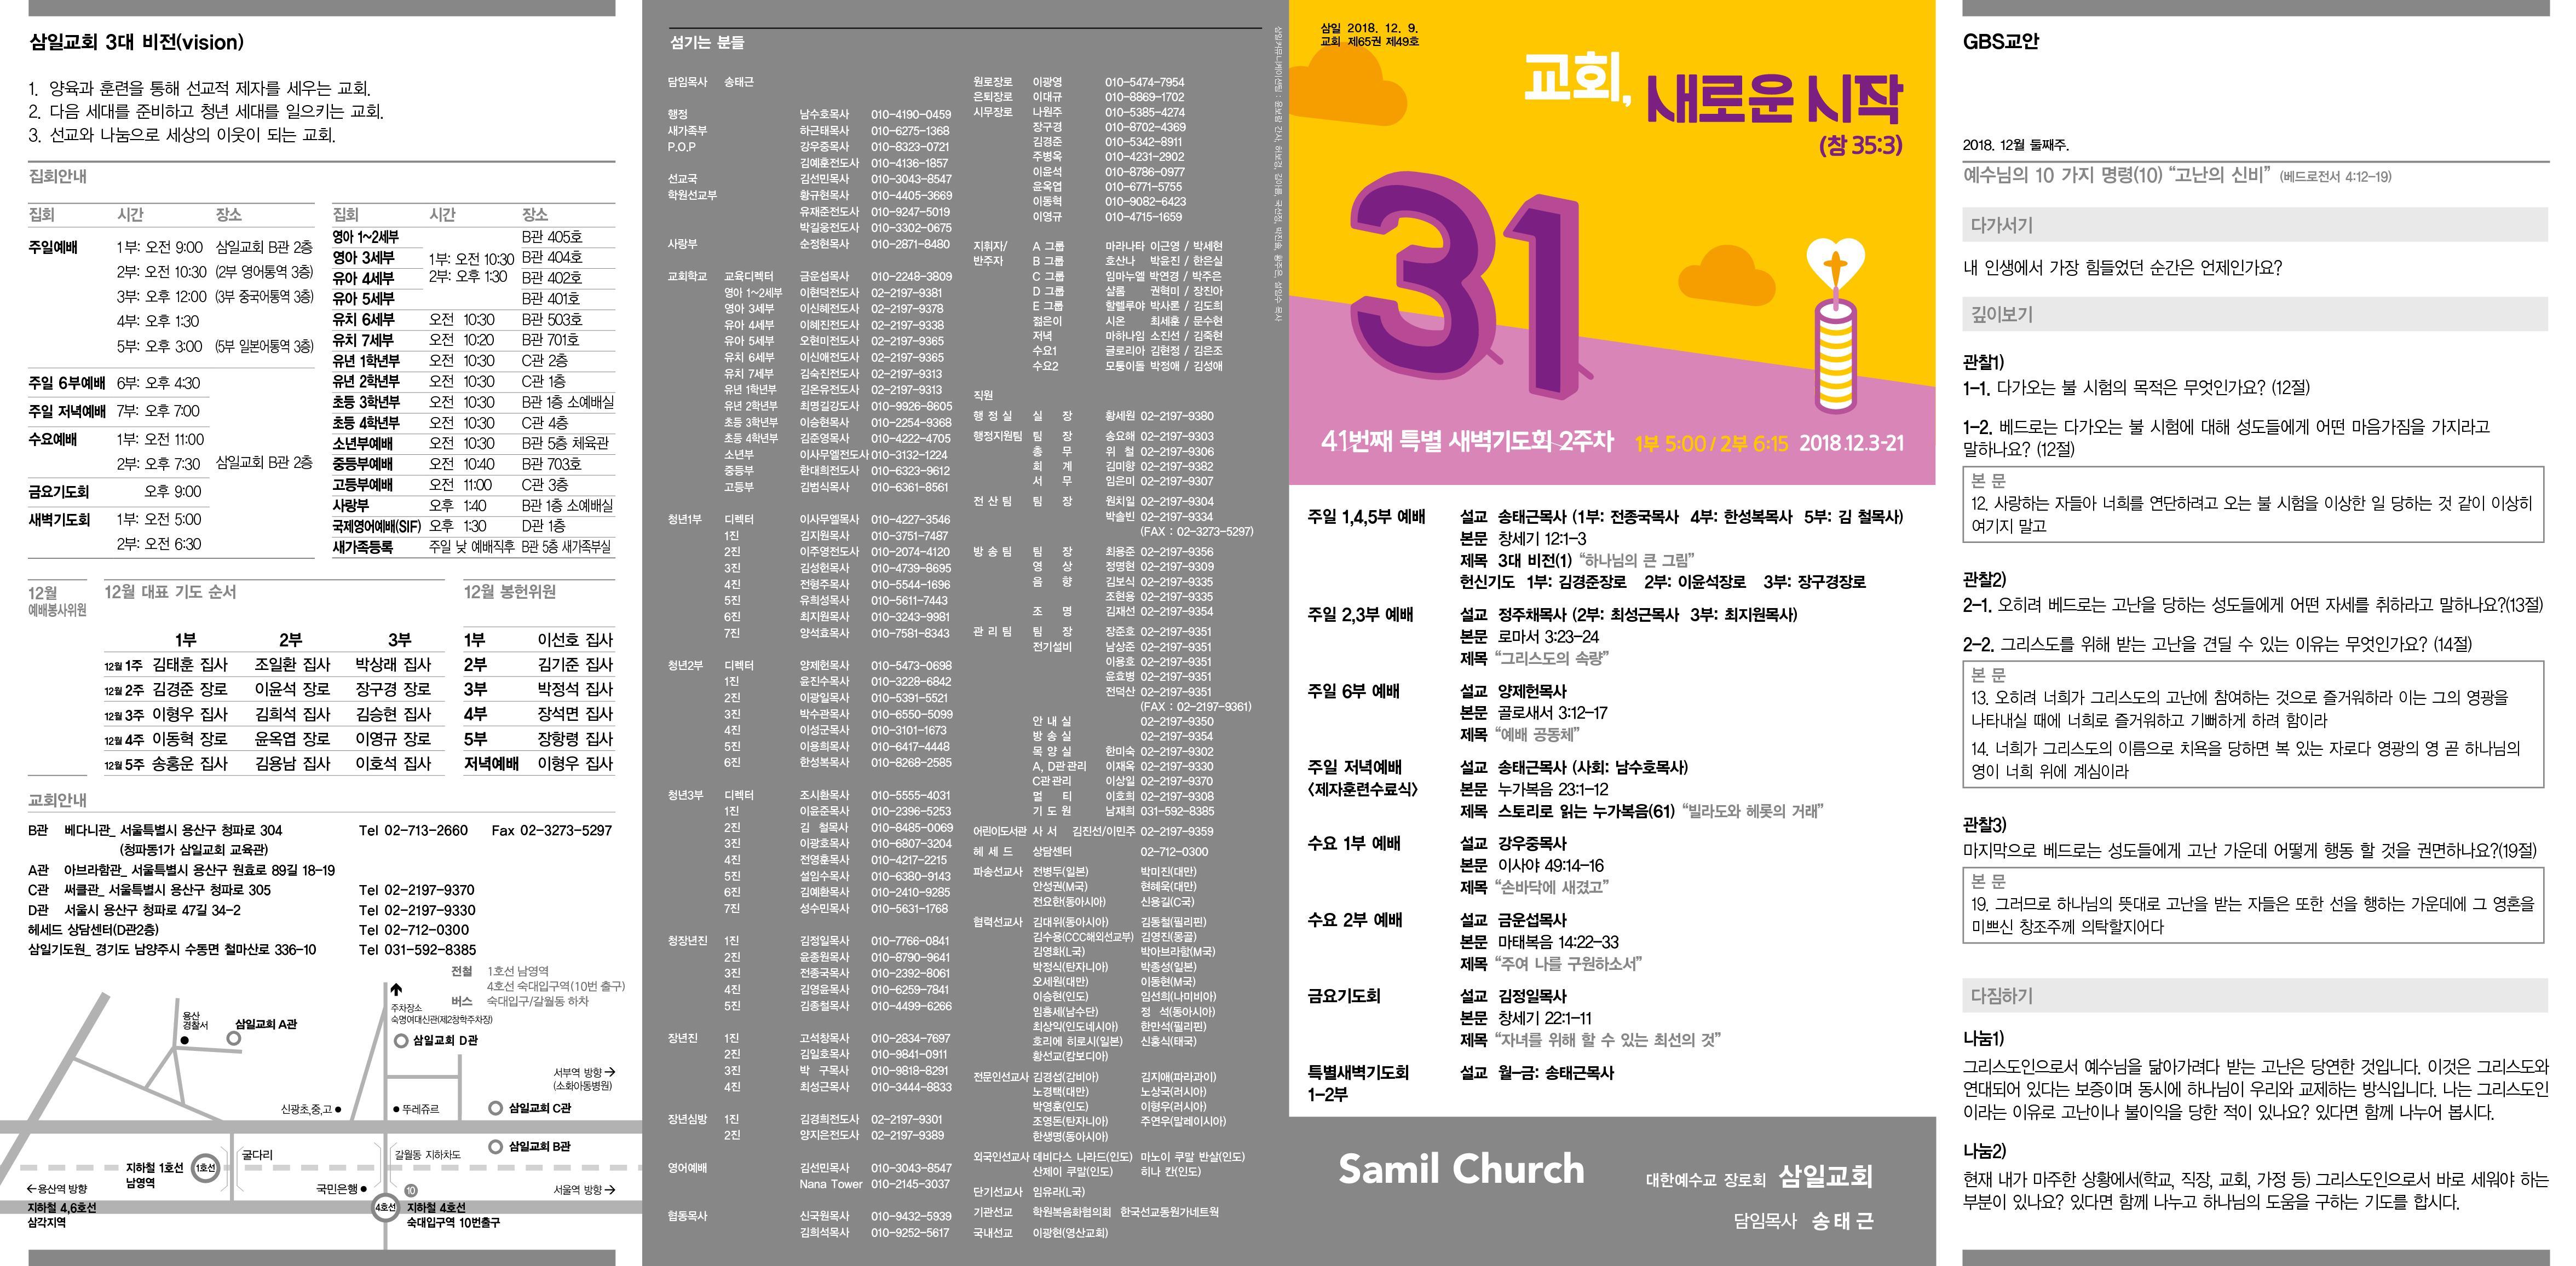 20181209-최종시안_1.jpg